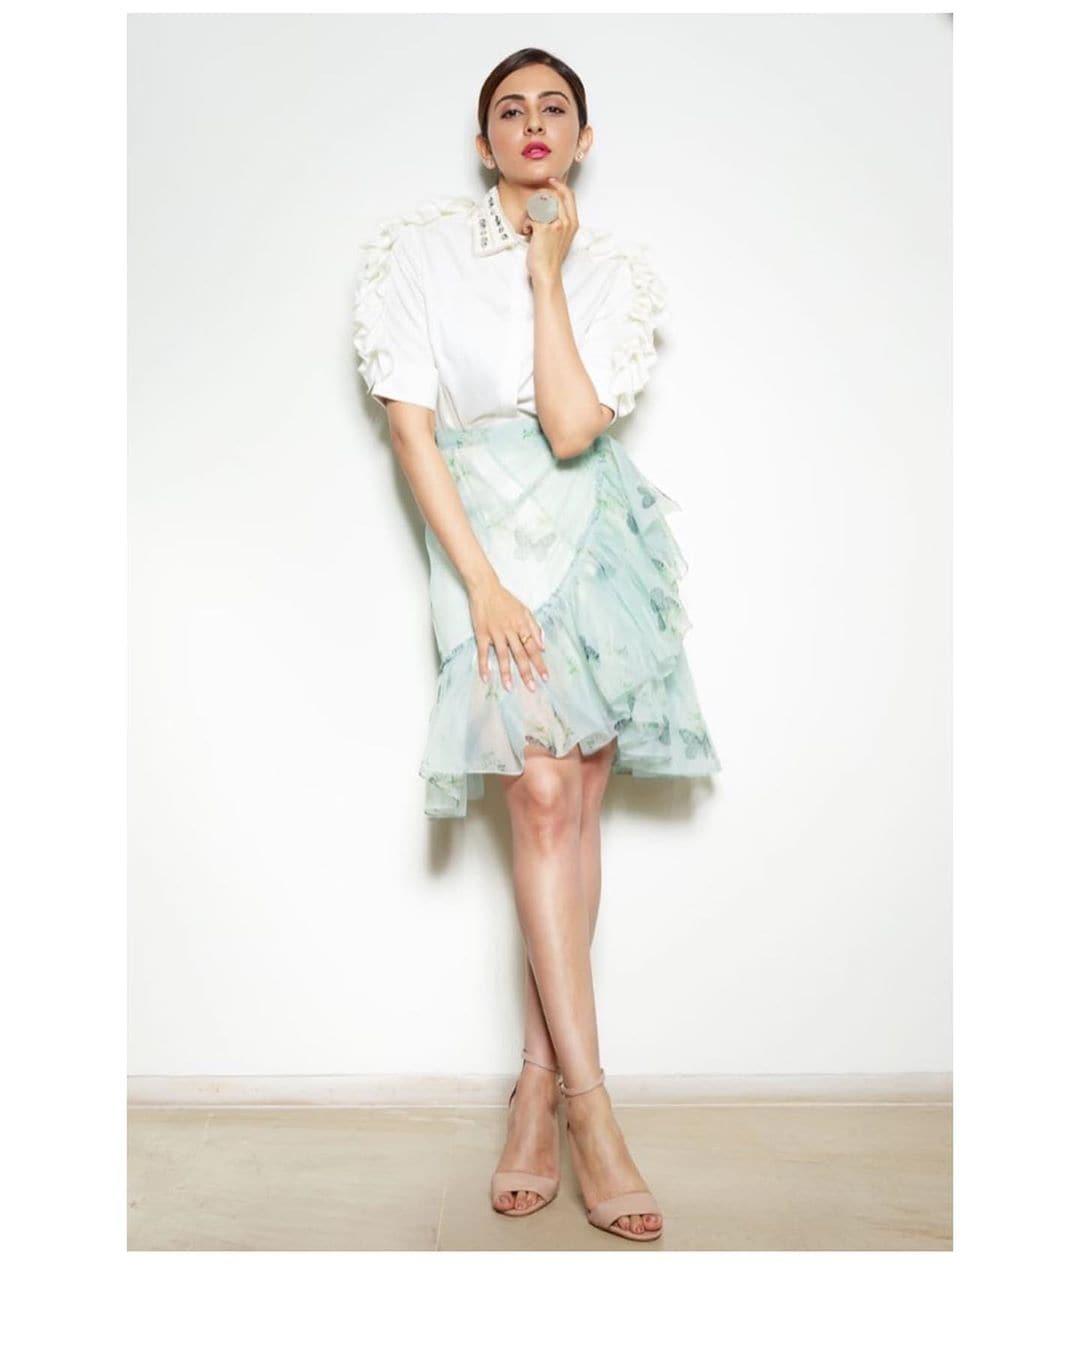 రకుల్ ప్రీత్ సింగ్ హాట్ ఫోటోస్, Photo: Instagram.com/rakulpreet/